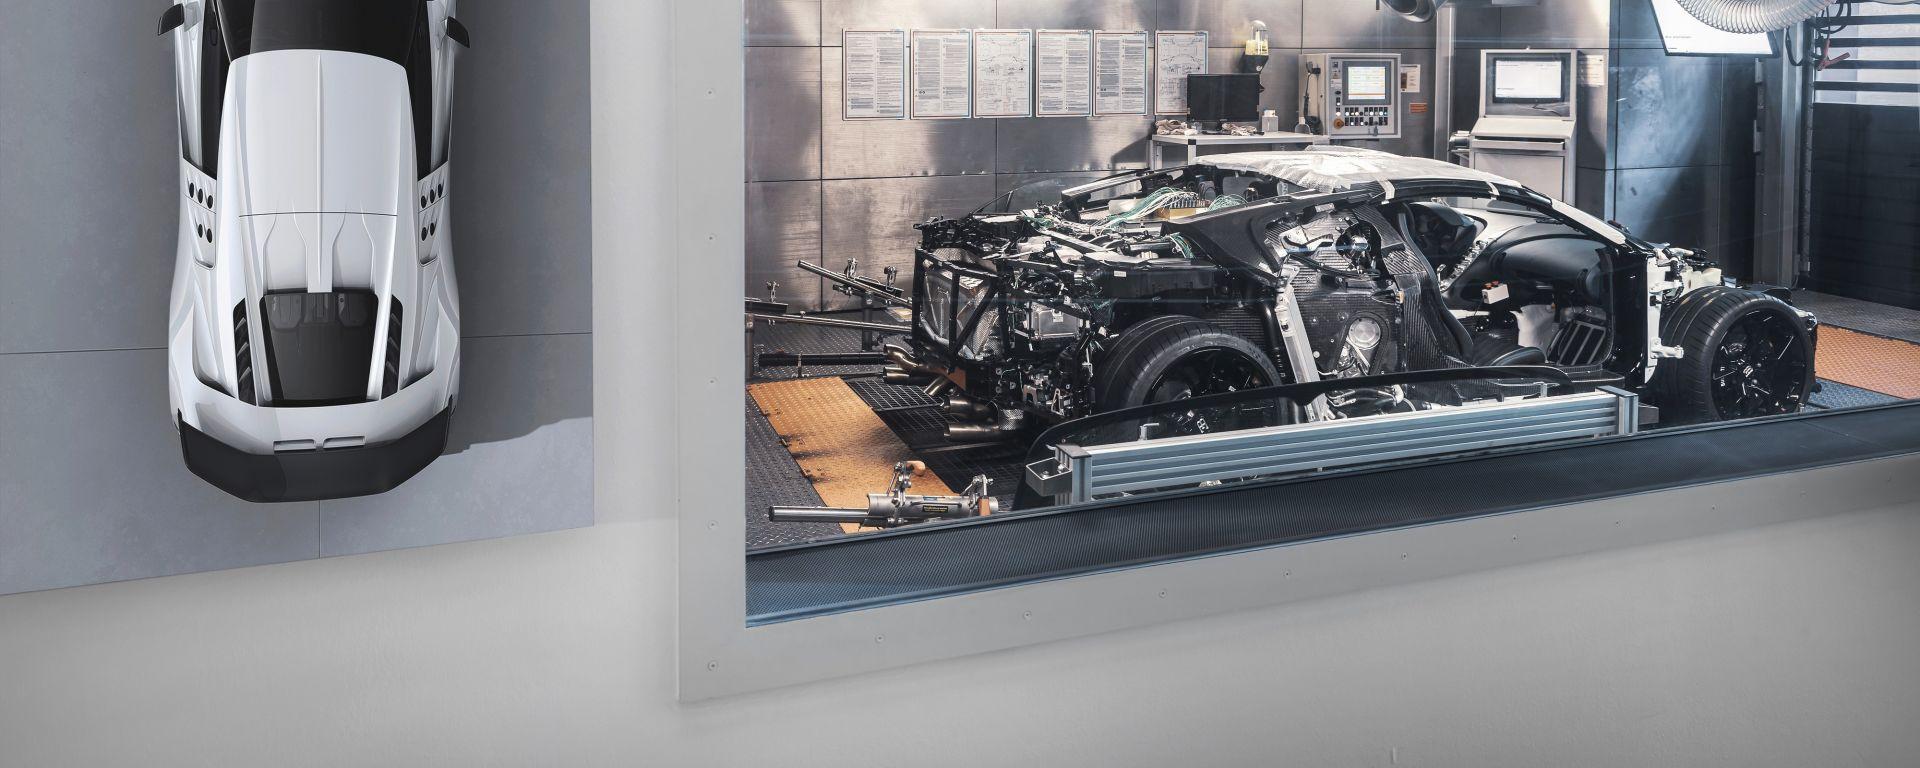 Bugatti Centodieci, il primo prototipo nella prova al banco